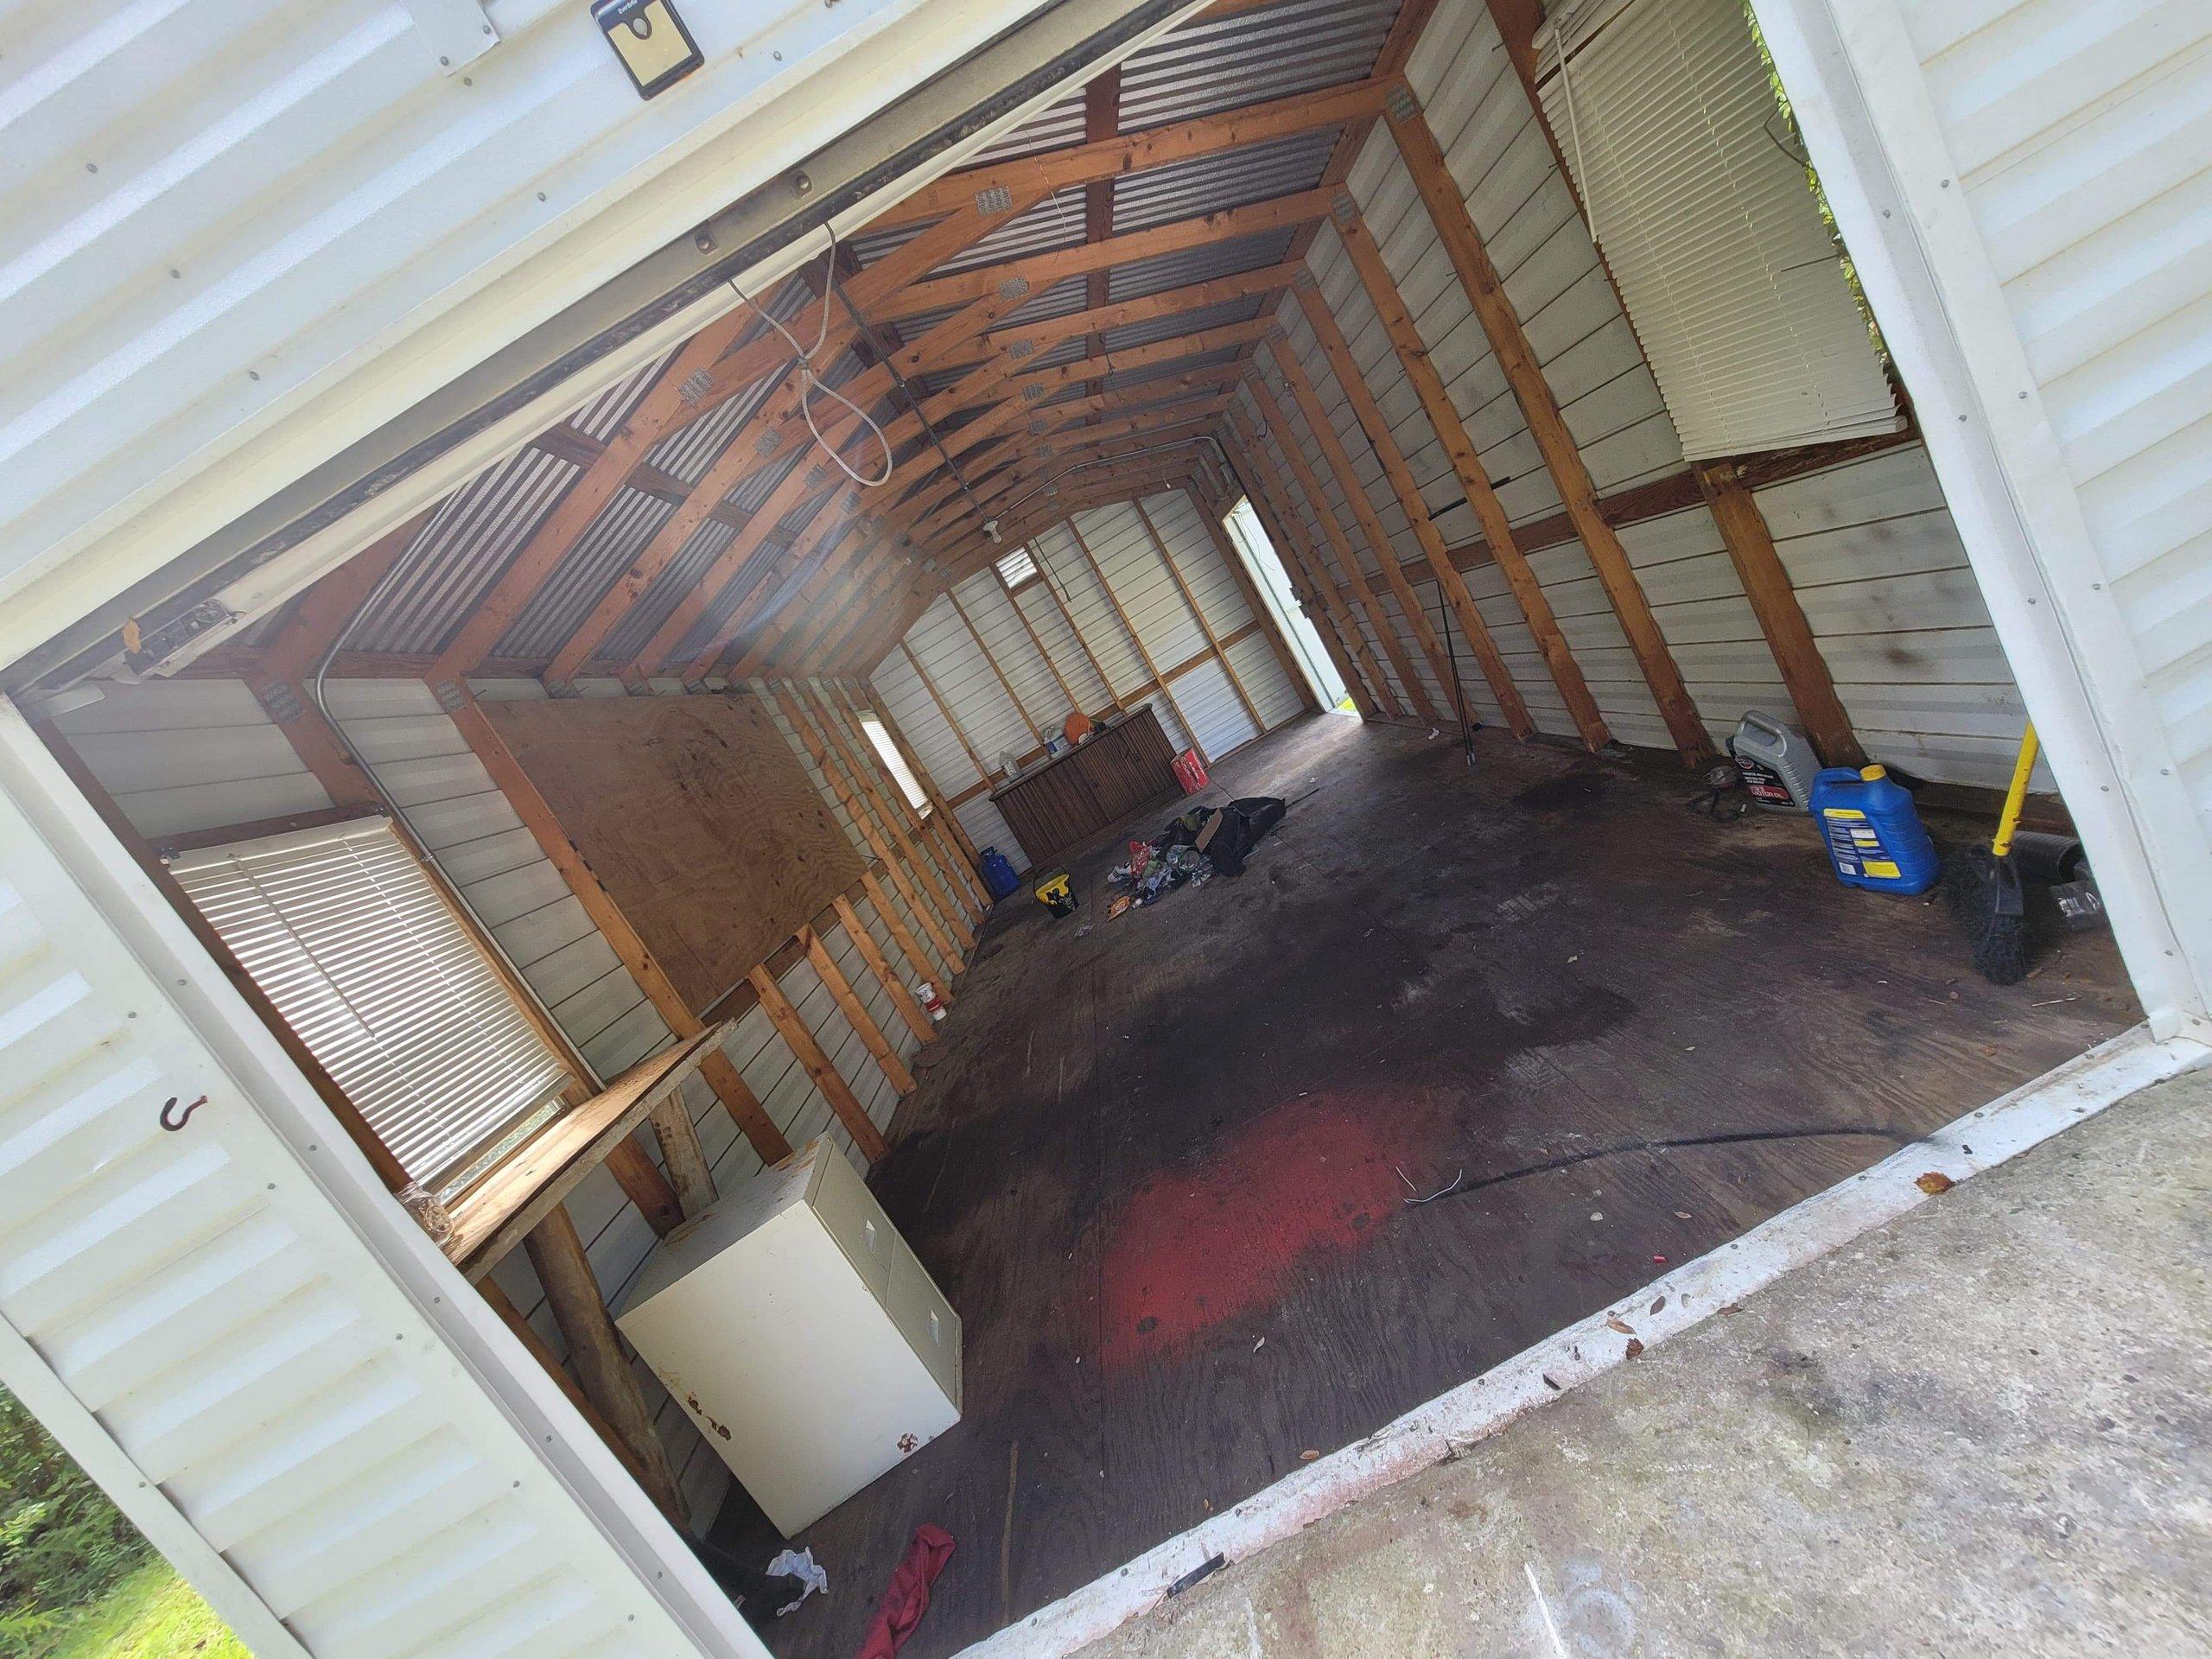 24x24 Other self storage unit